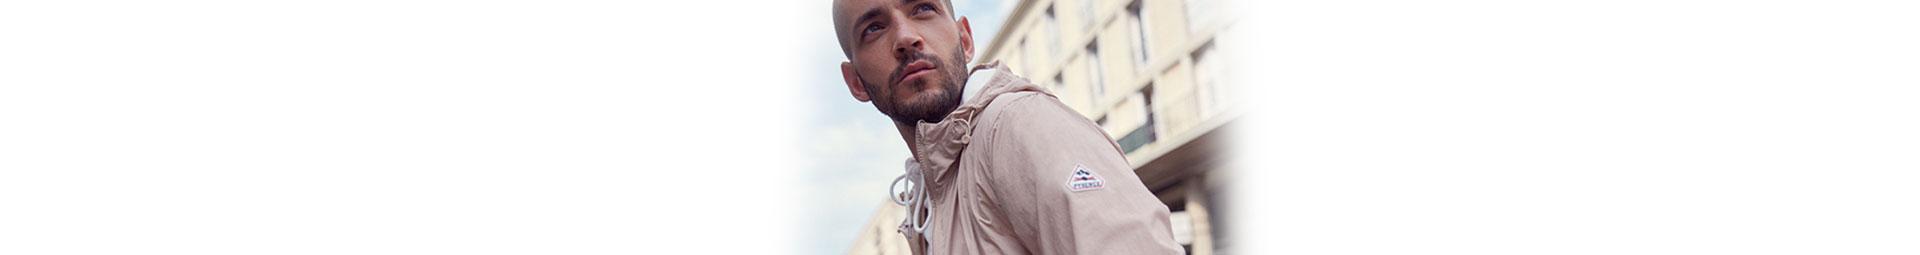 Pyrenex collection homme printemps été 2020 : veste de mi saison, t-shirt, accessoires